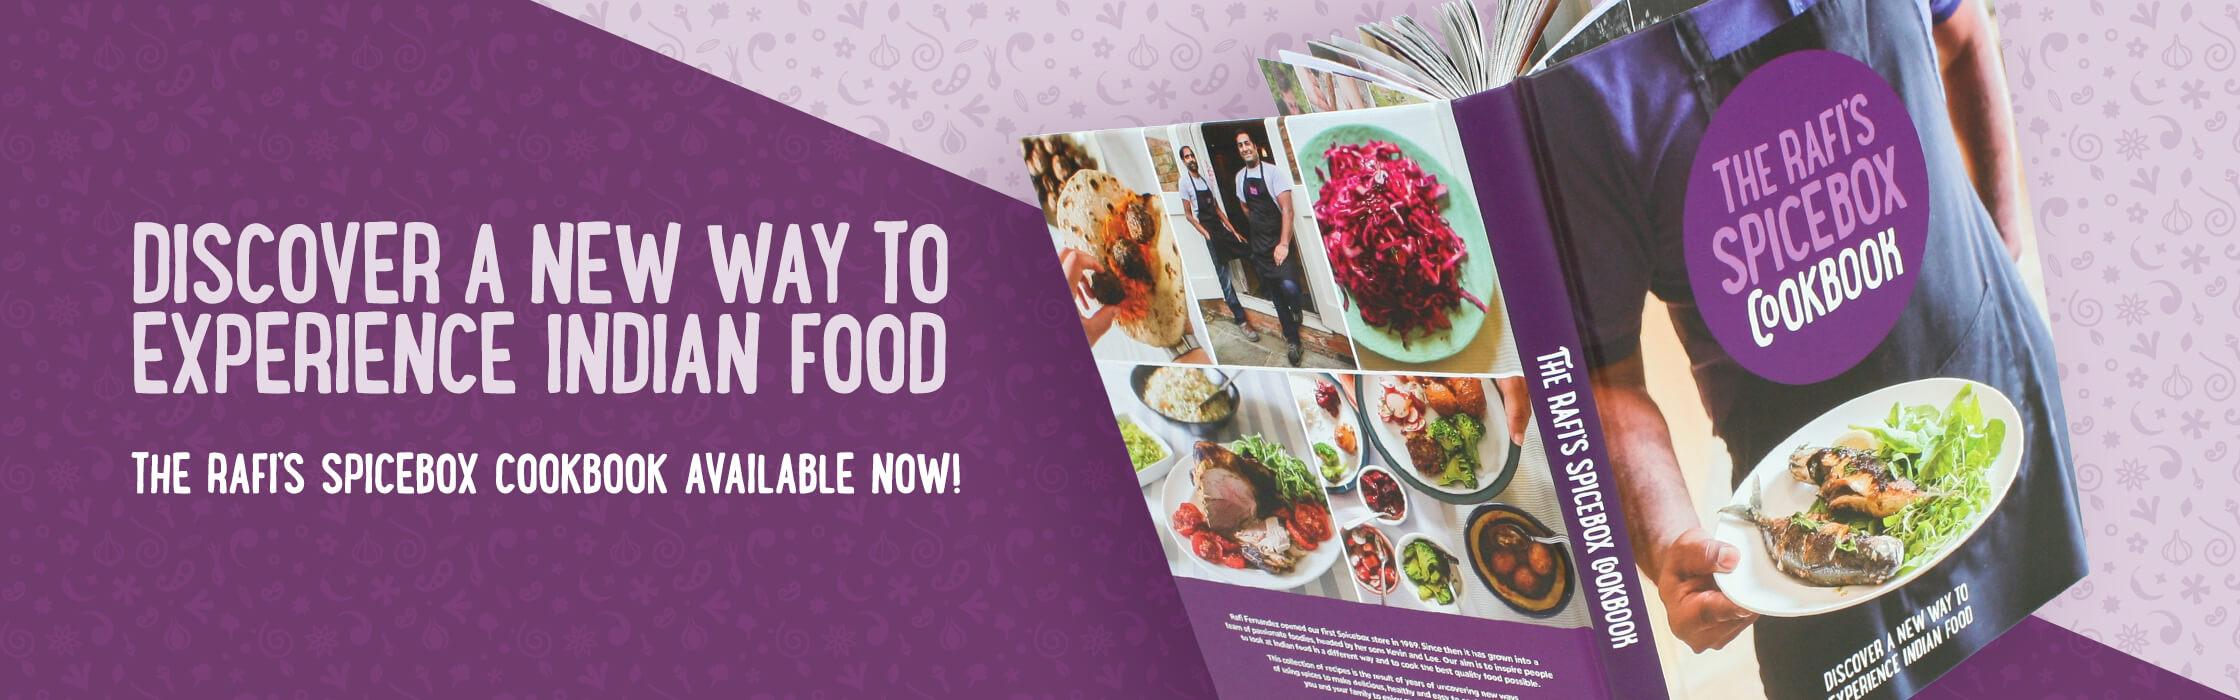 cookbook-2@x2.jpg